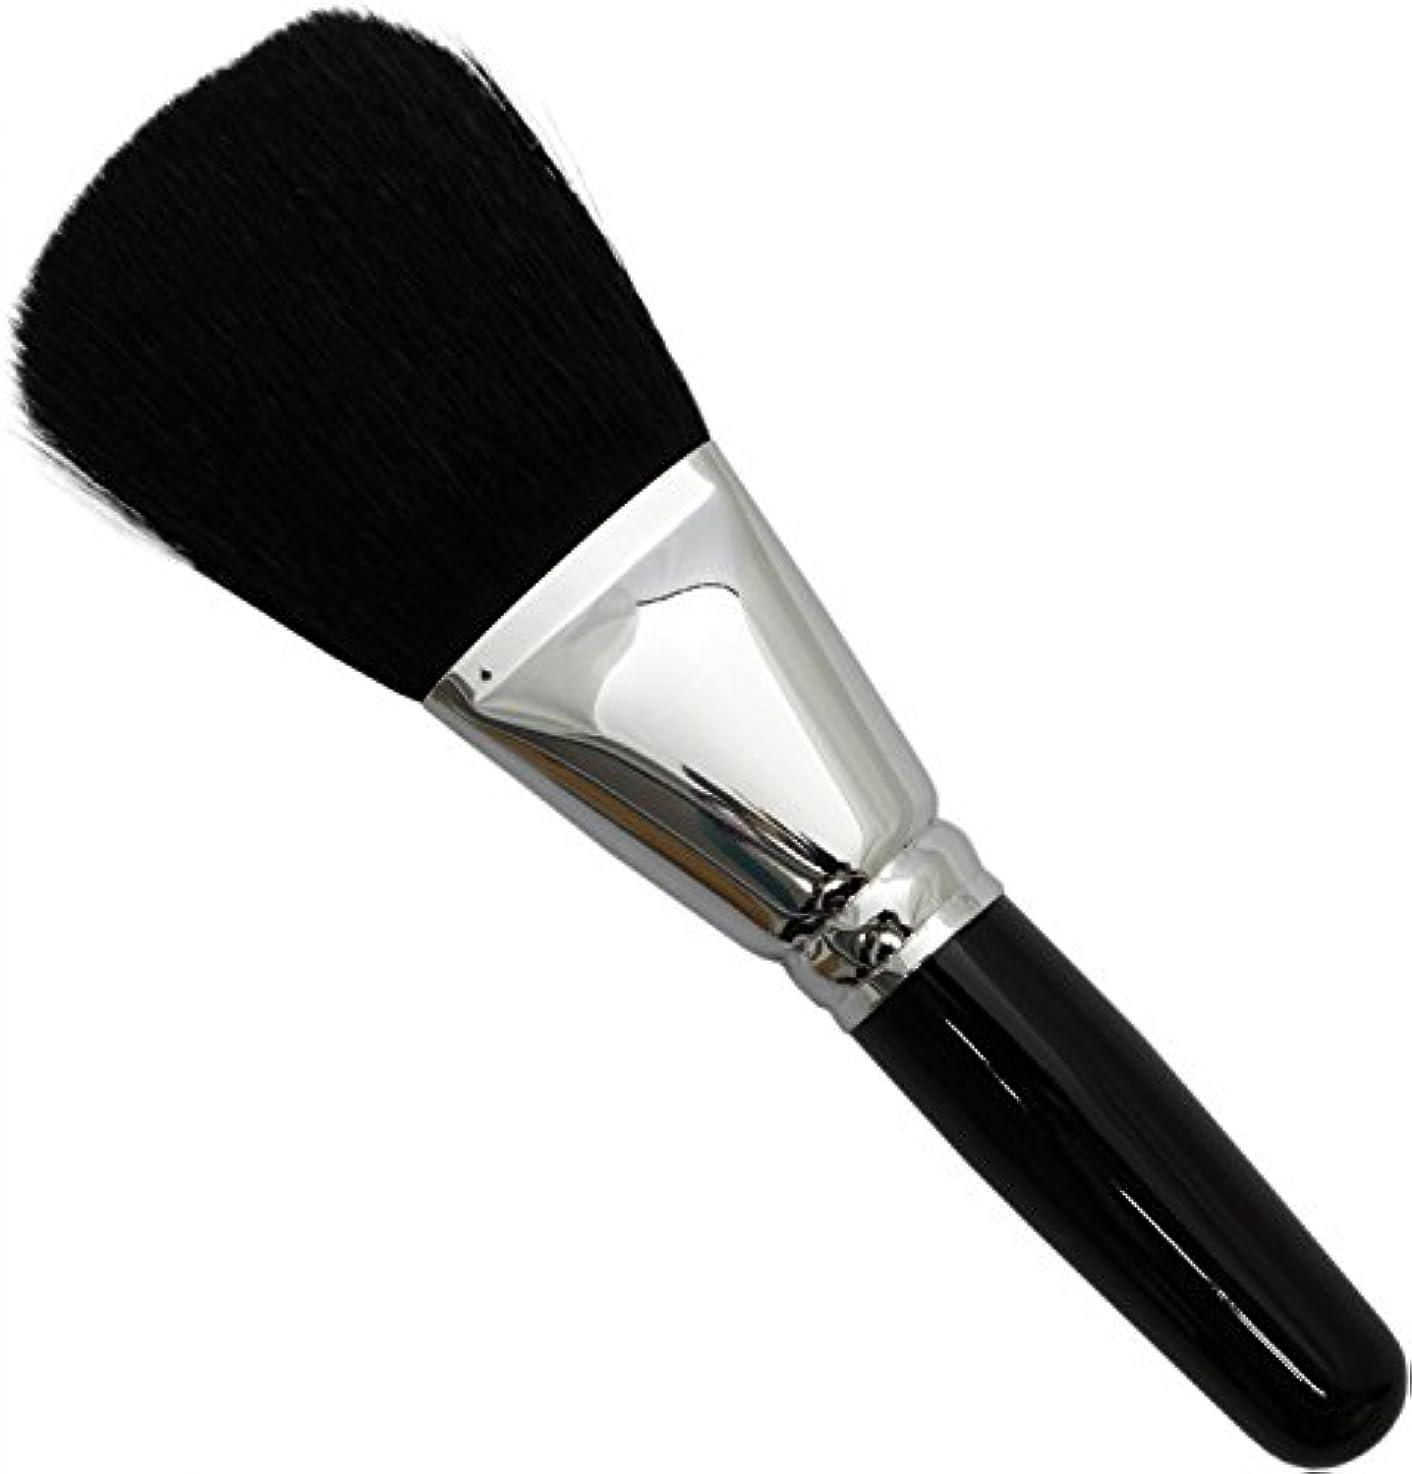 いらいらさせる逆さまに暗い熊野筆 メイクブラシ SRシリーズ フィニッシングブラシ 山羊毛